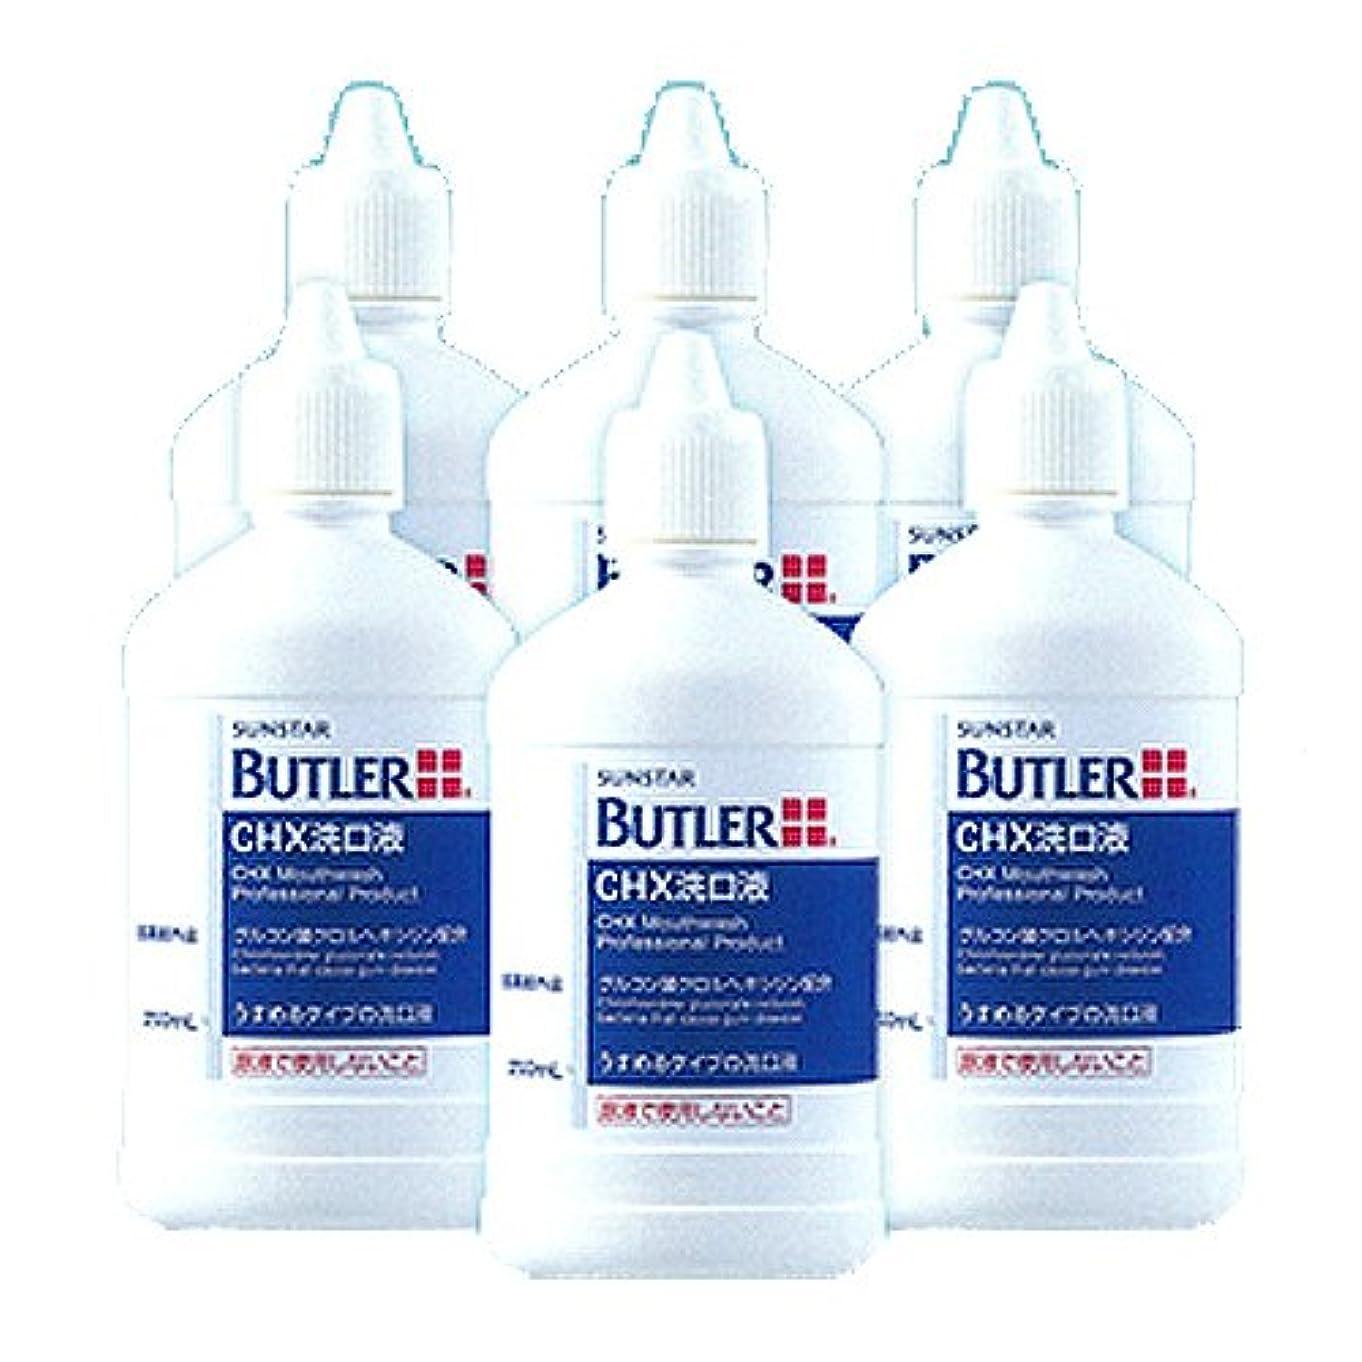 サンスター ? バトラー CHX 洗口液 250ml 6本 マウスウォッシュ 医薬部外品